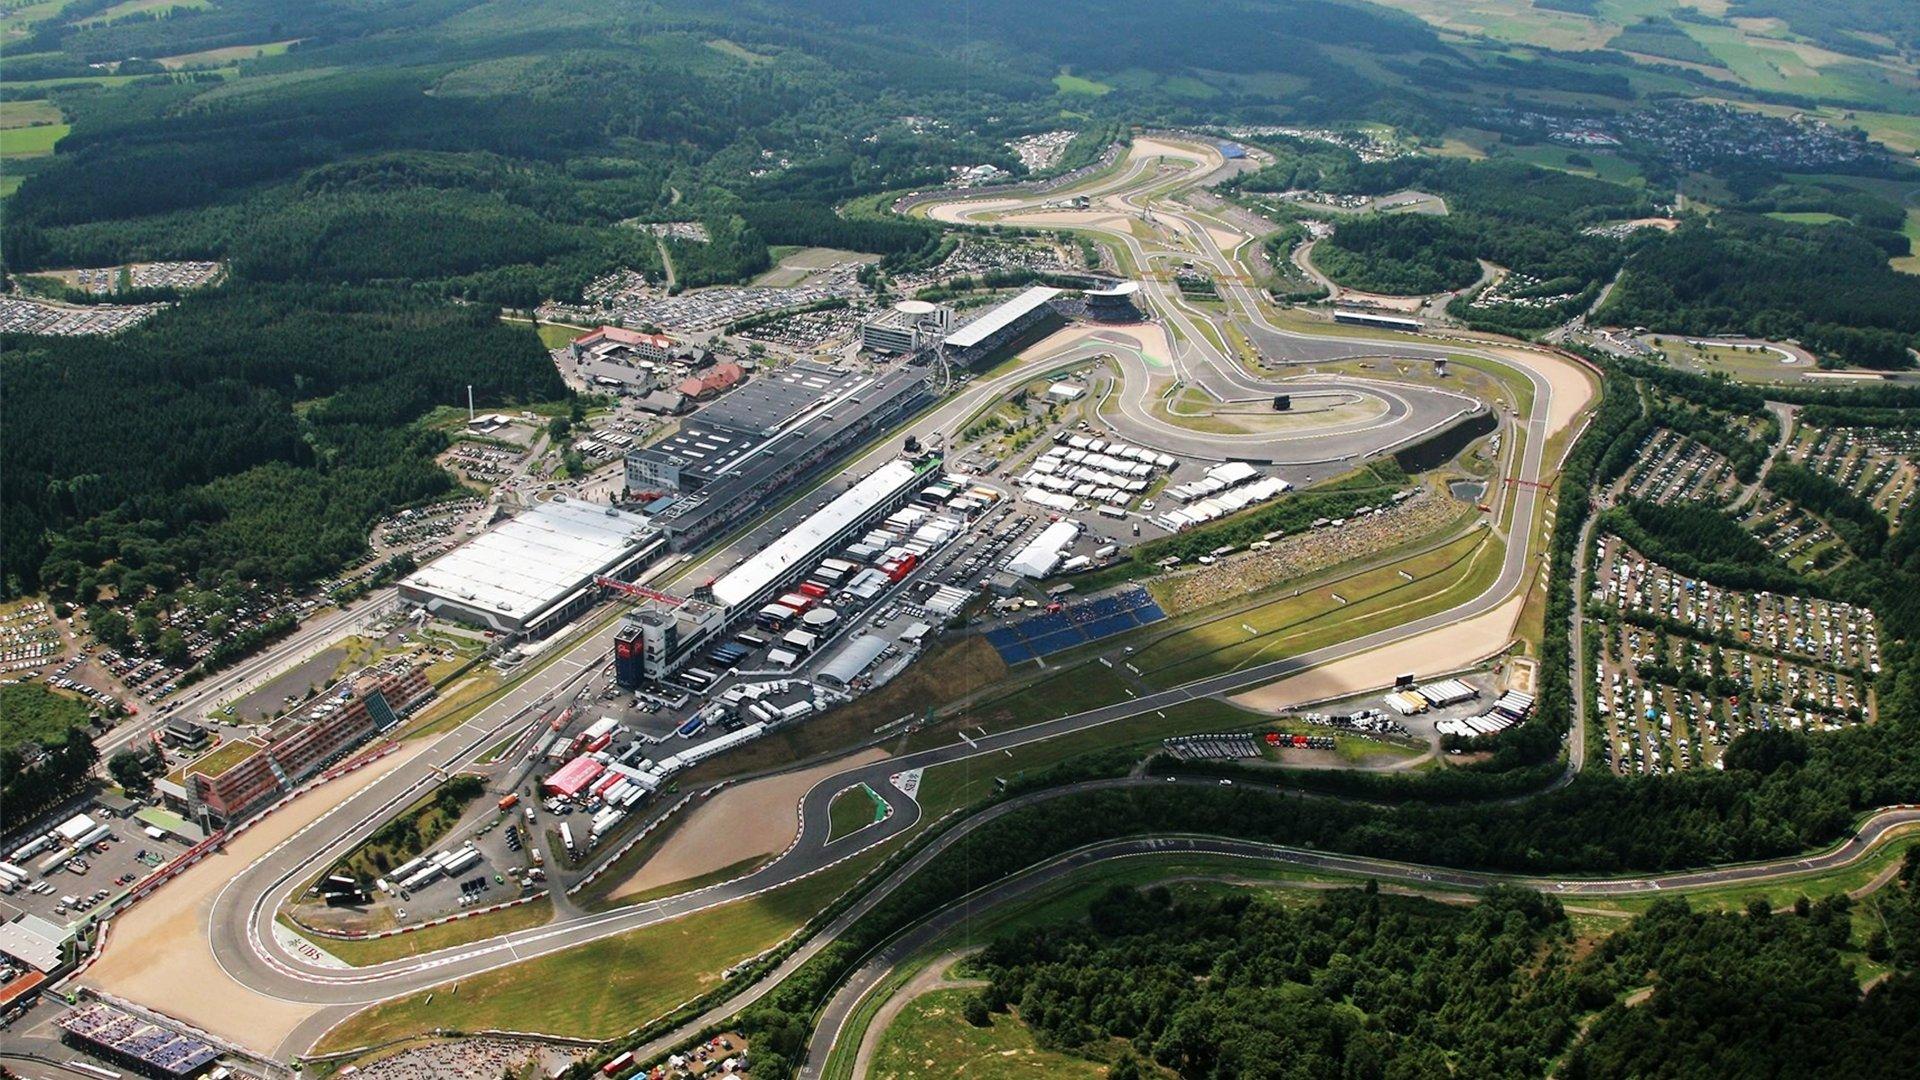 http://www.superf1.be/spip/IMG/jpg/nurburgring2020.jpg